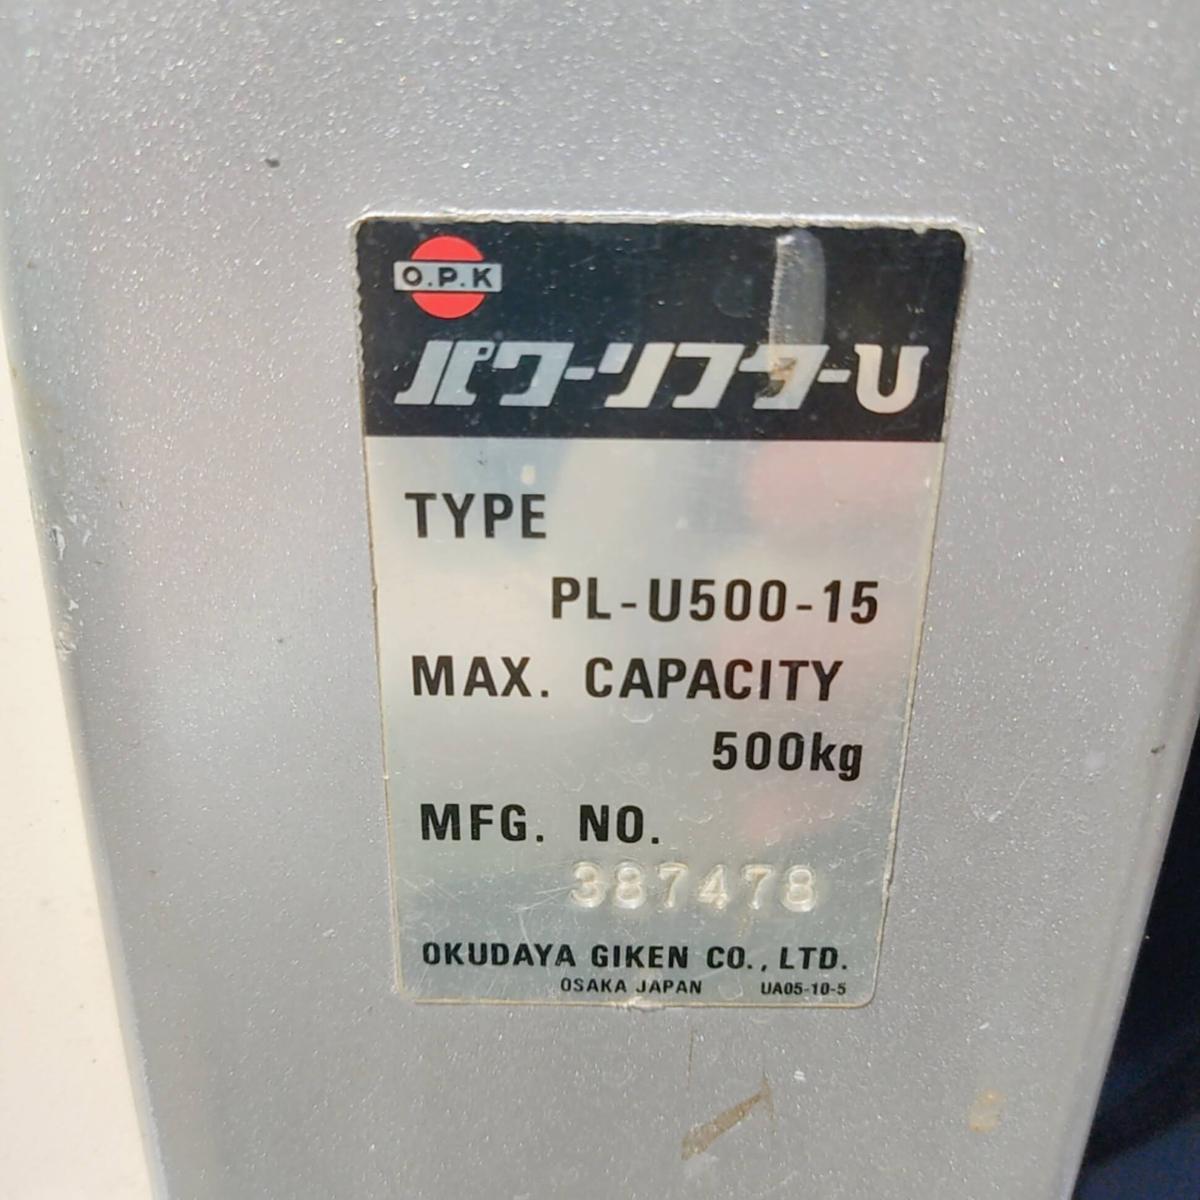 【新品バッテリー交換済み】をくだ屋技研/O.P.K 自走式パワーリフターU PL-U500-15/バッテリー駆動/充電器無し_画像2